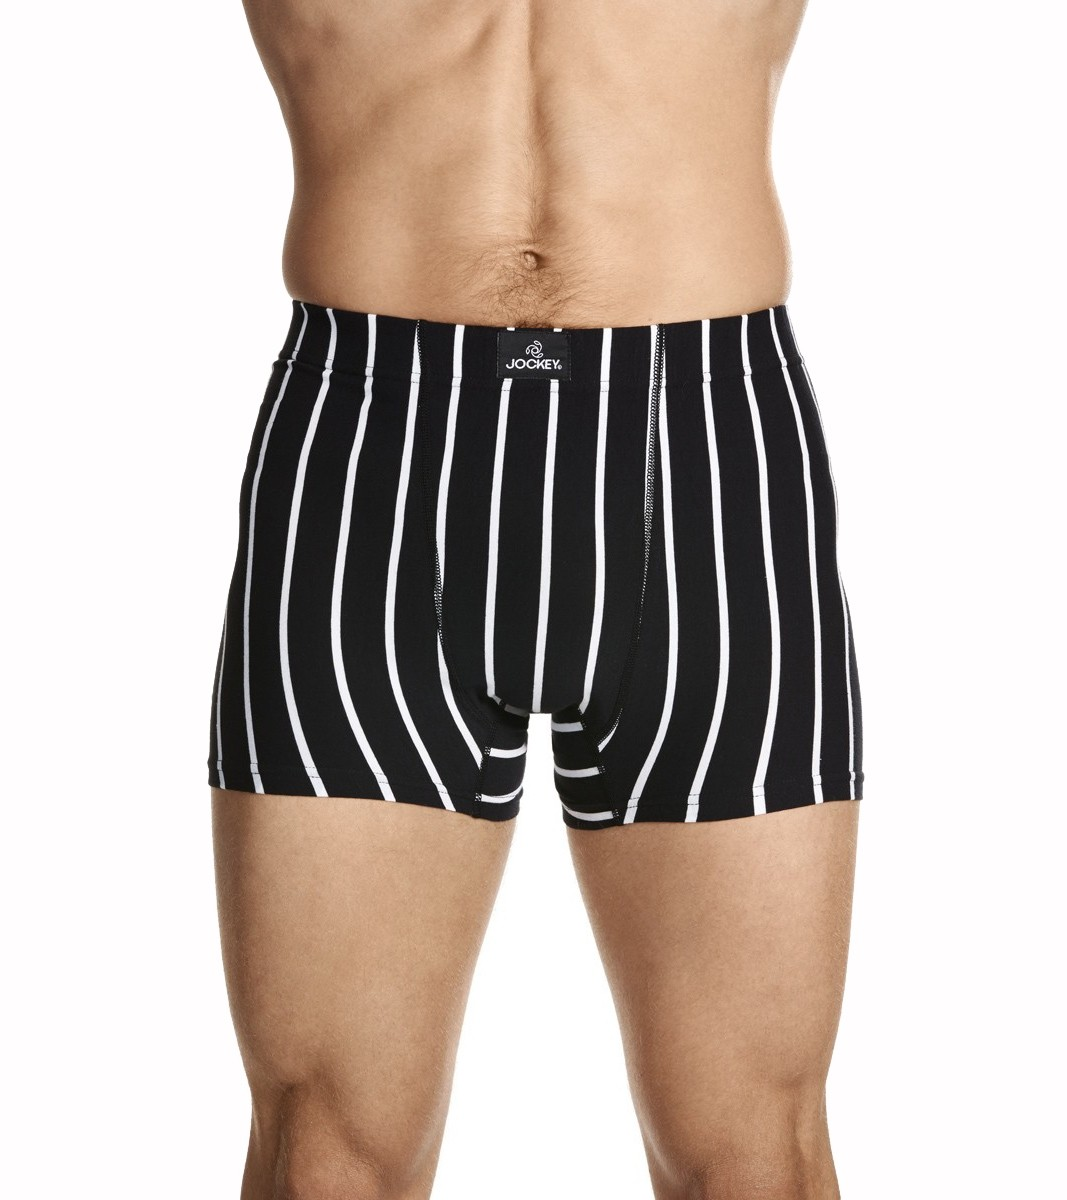 Jockey Man Sports Stripe Trunk From Downunderwear